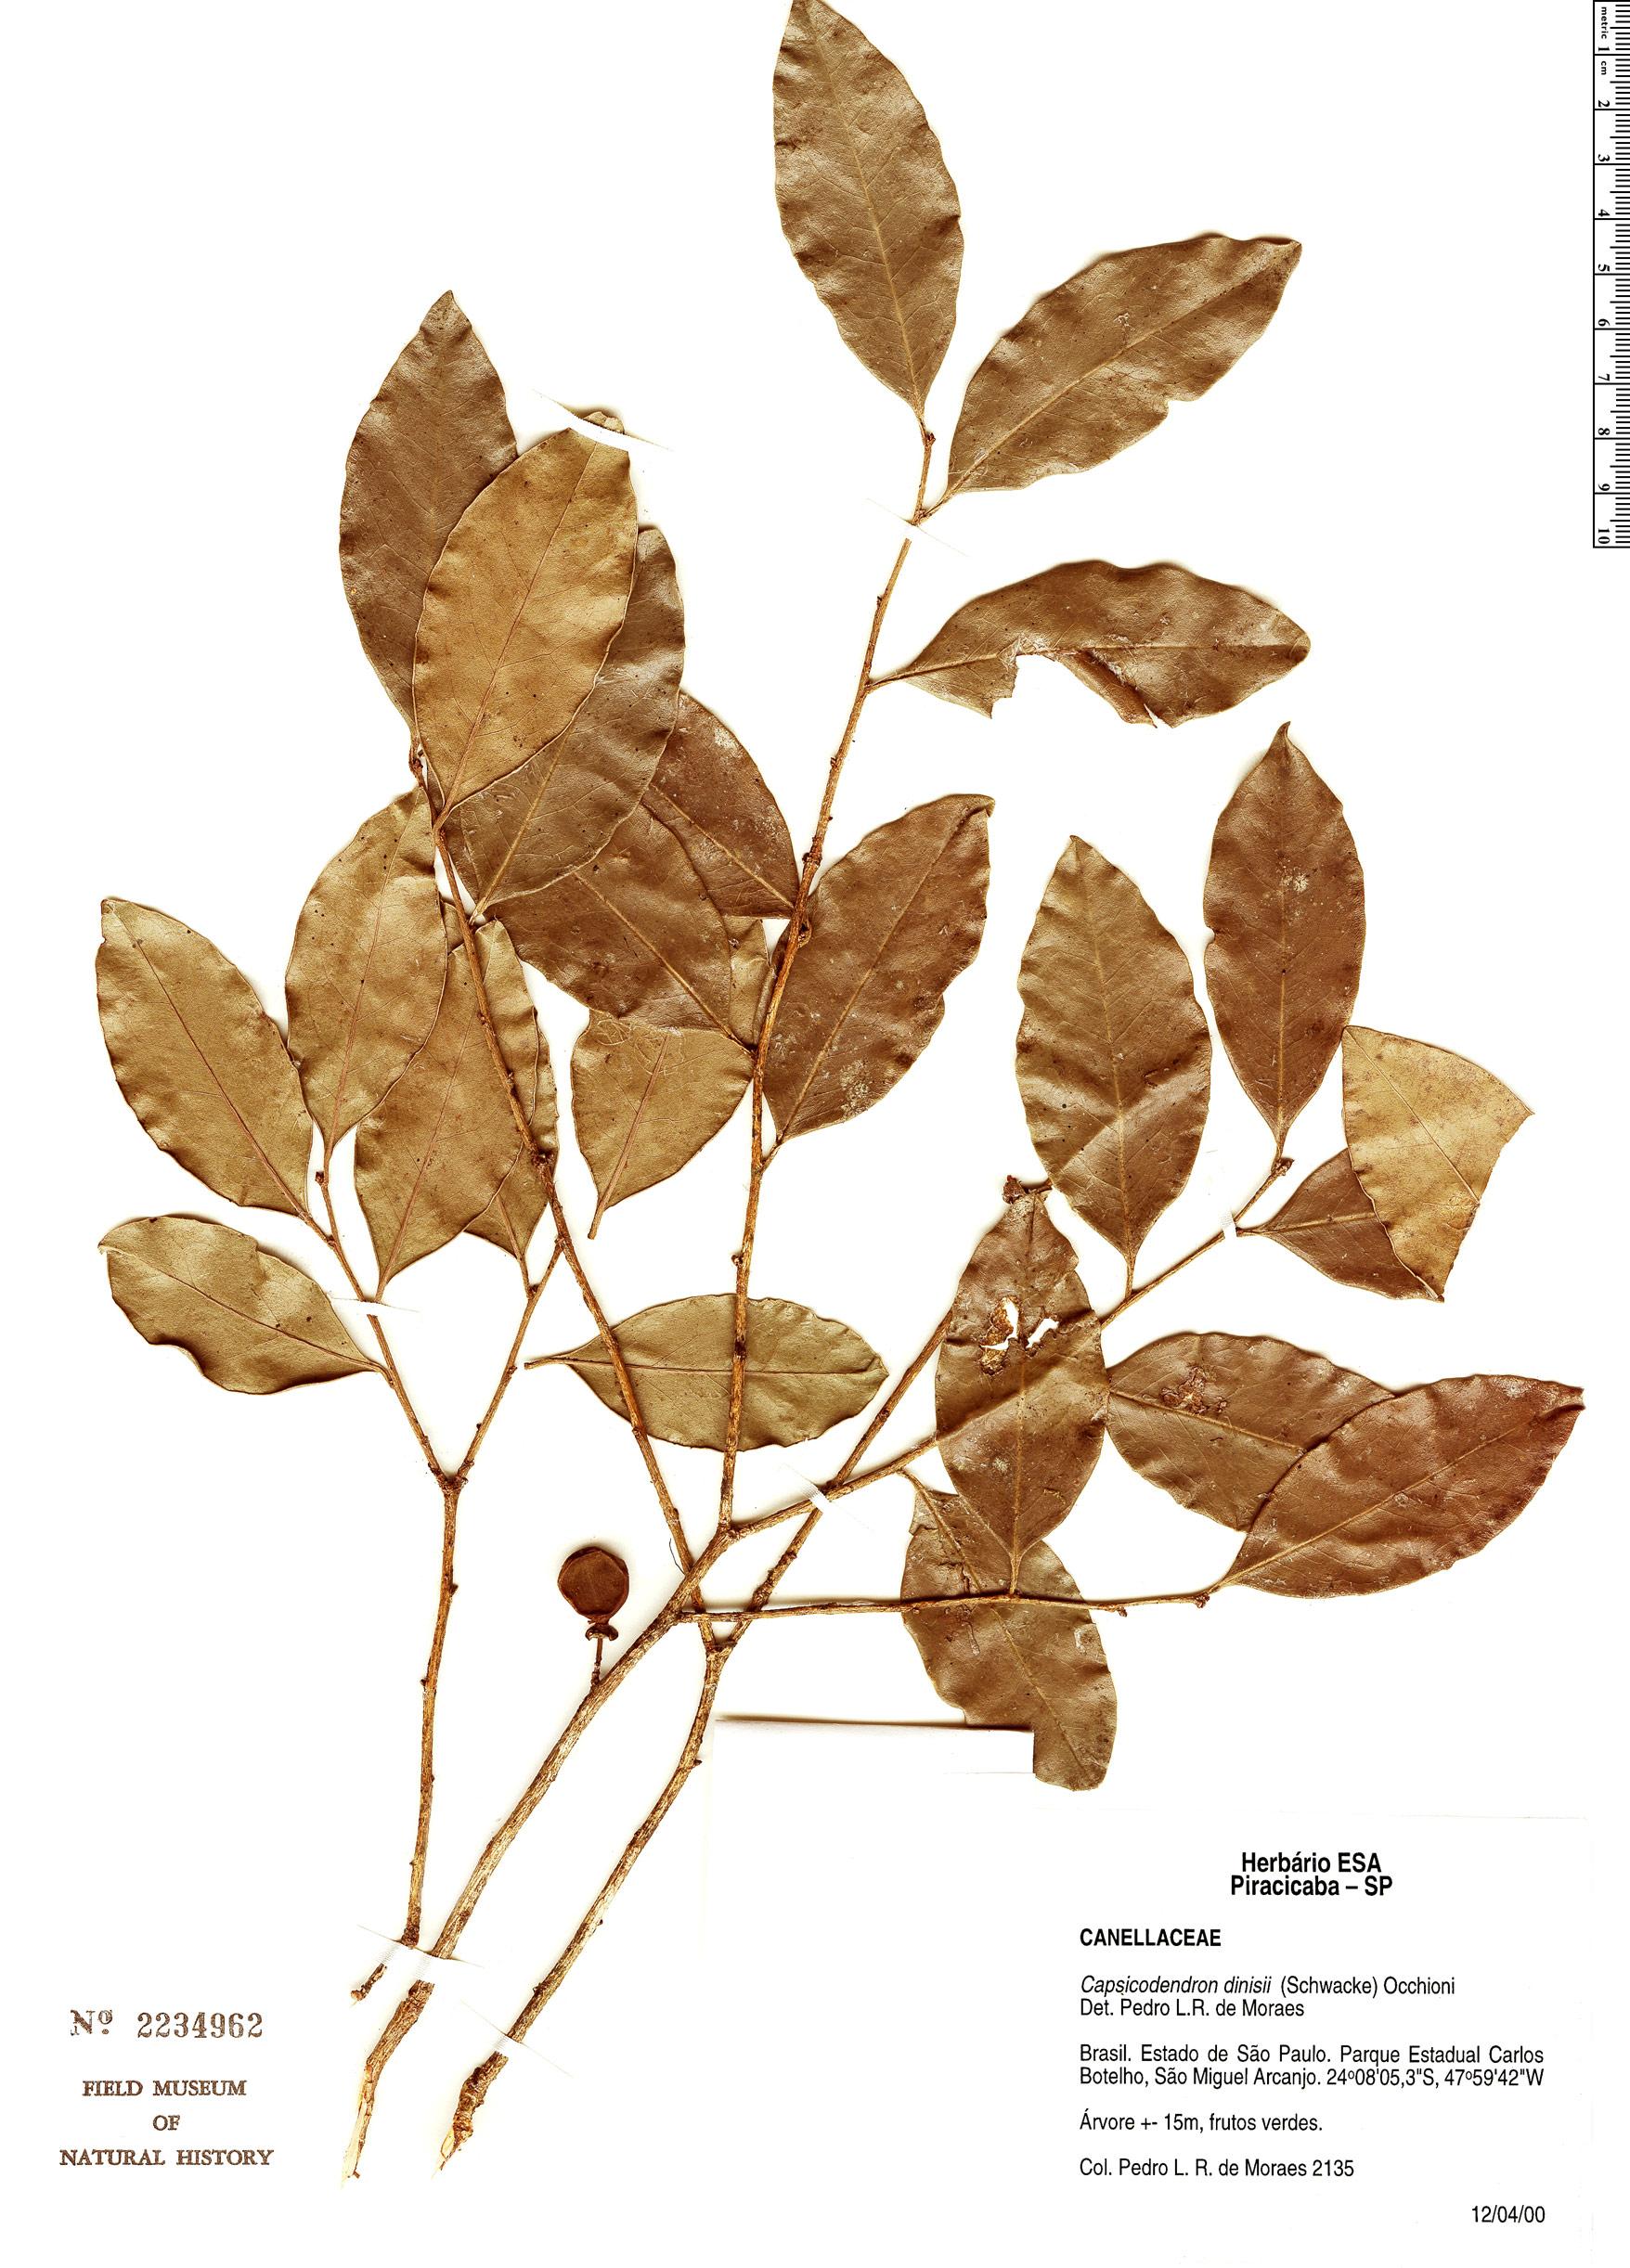 Specimen: Capsicodendron dinisii